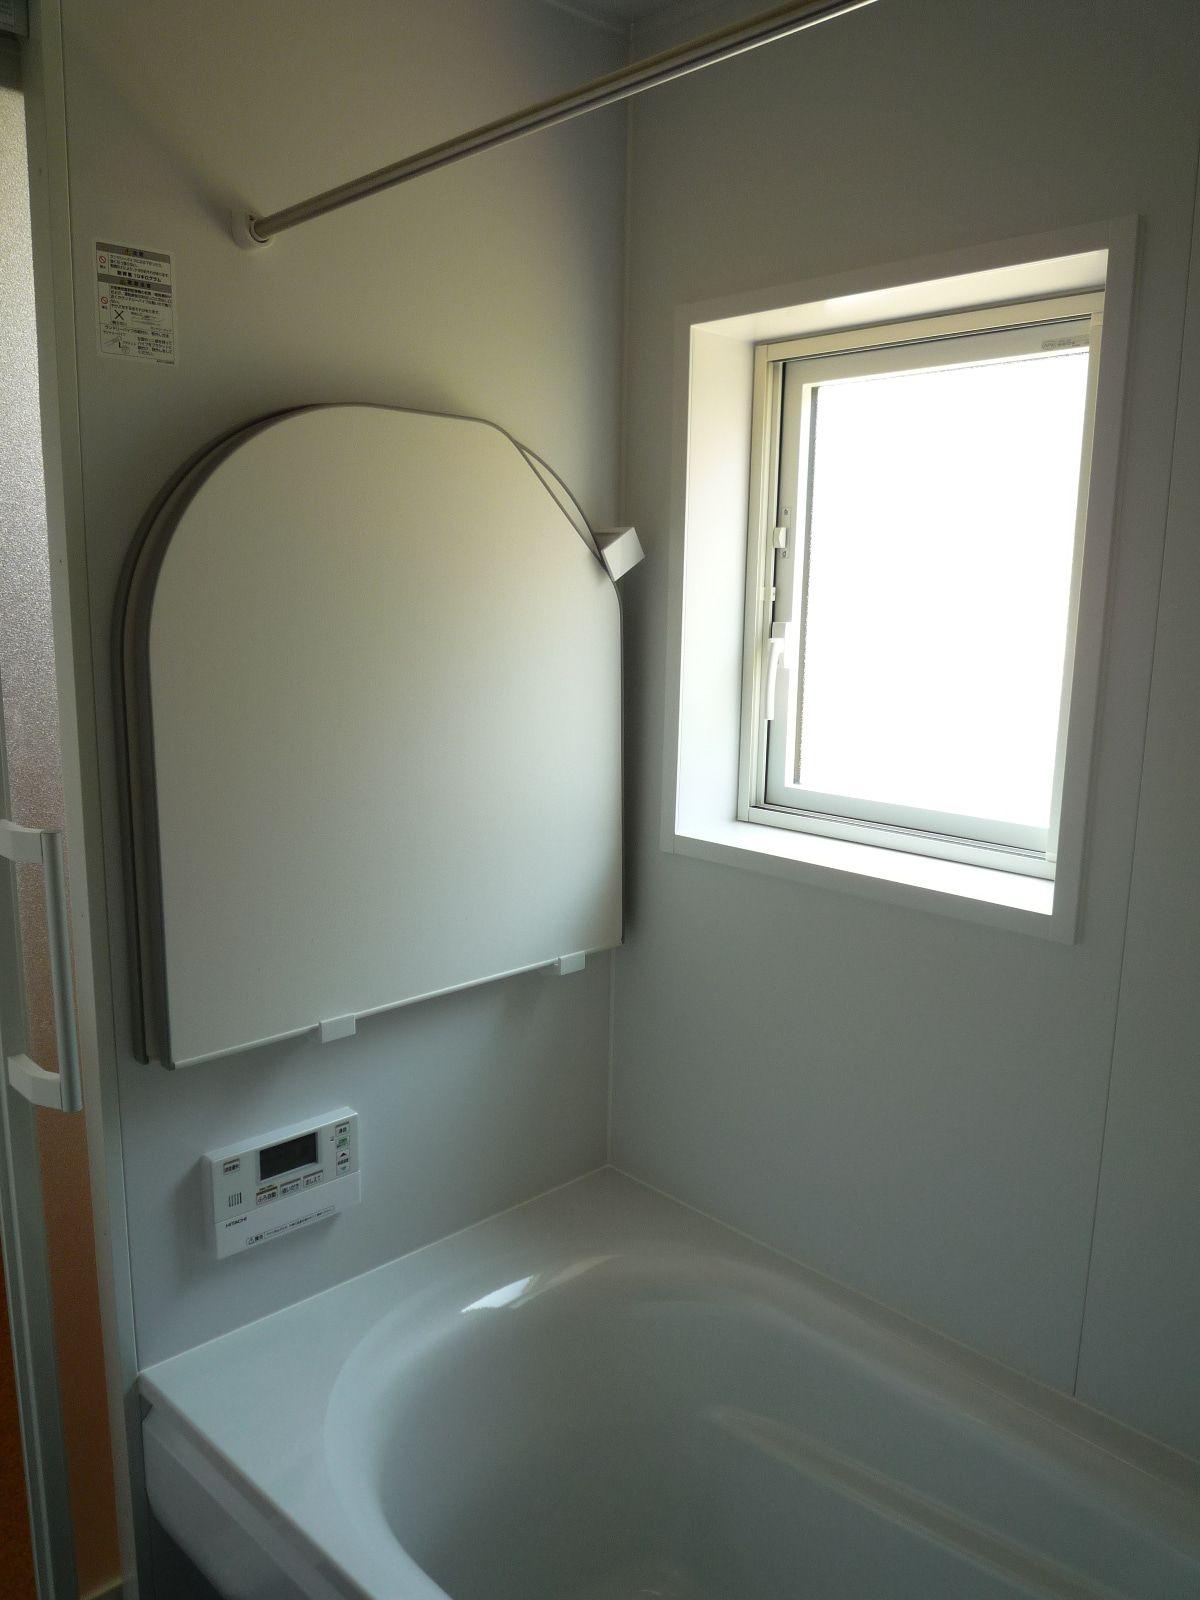 付けてよかった 寝室のワイヤー物干 浴室 Toto 浴室 物干し